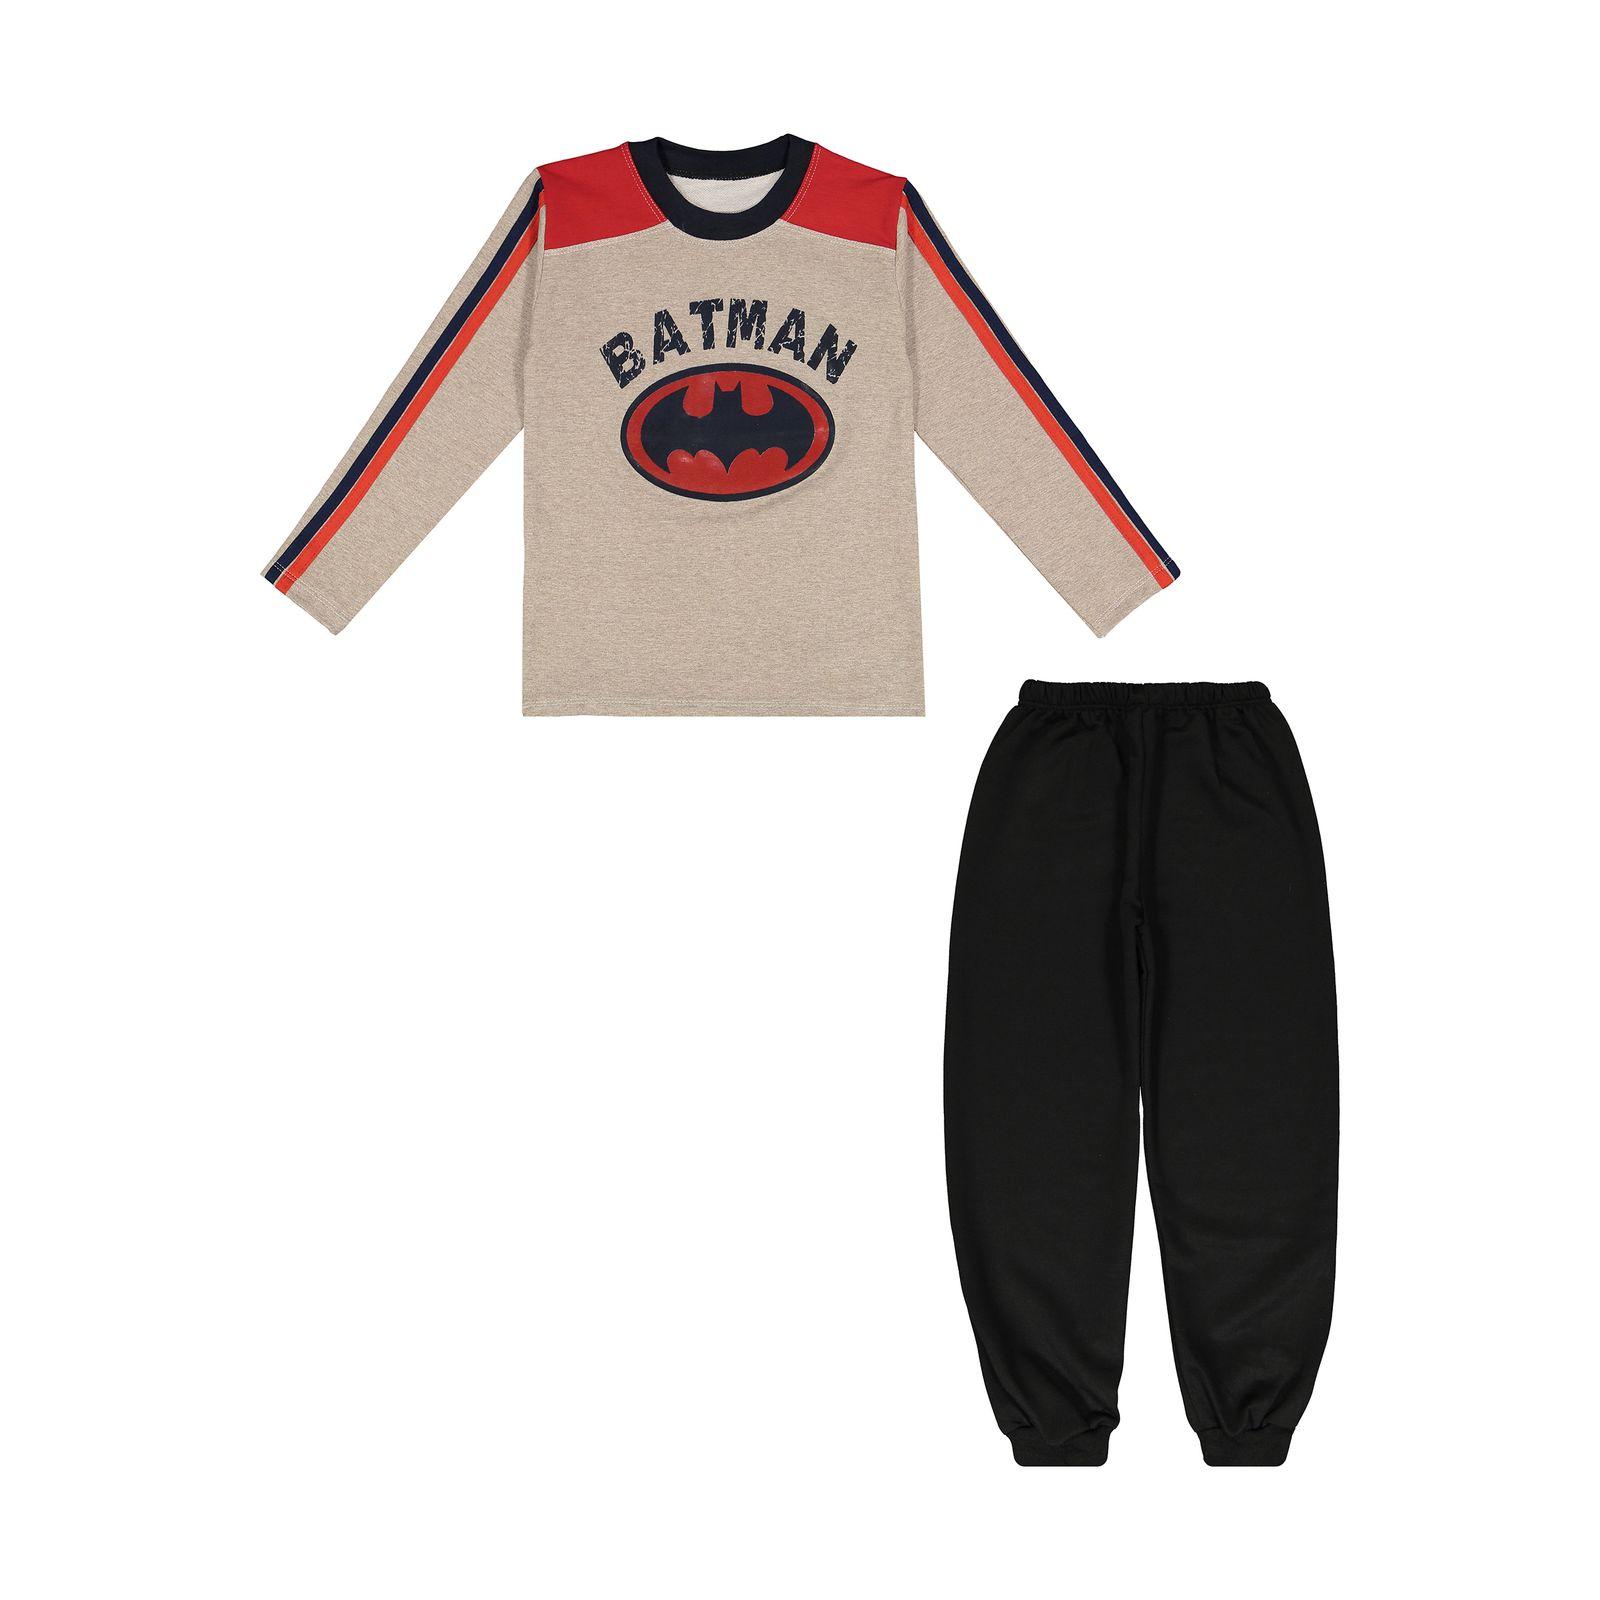 ست تی شرت و شلوار پسرانه سیدونا مدل KSI6003-031 -  - 1